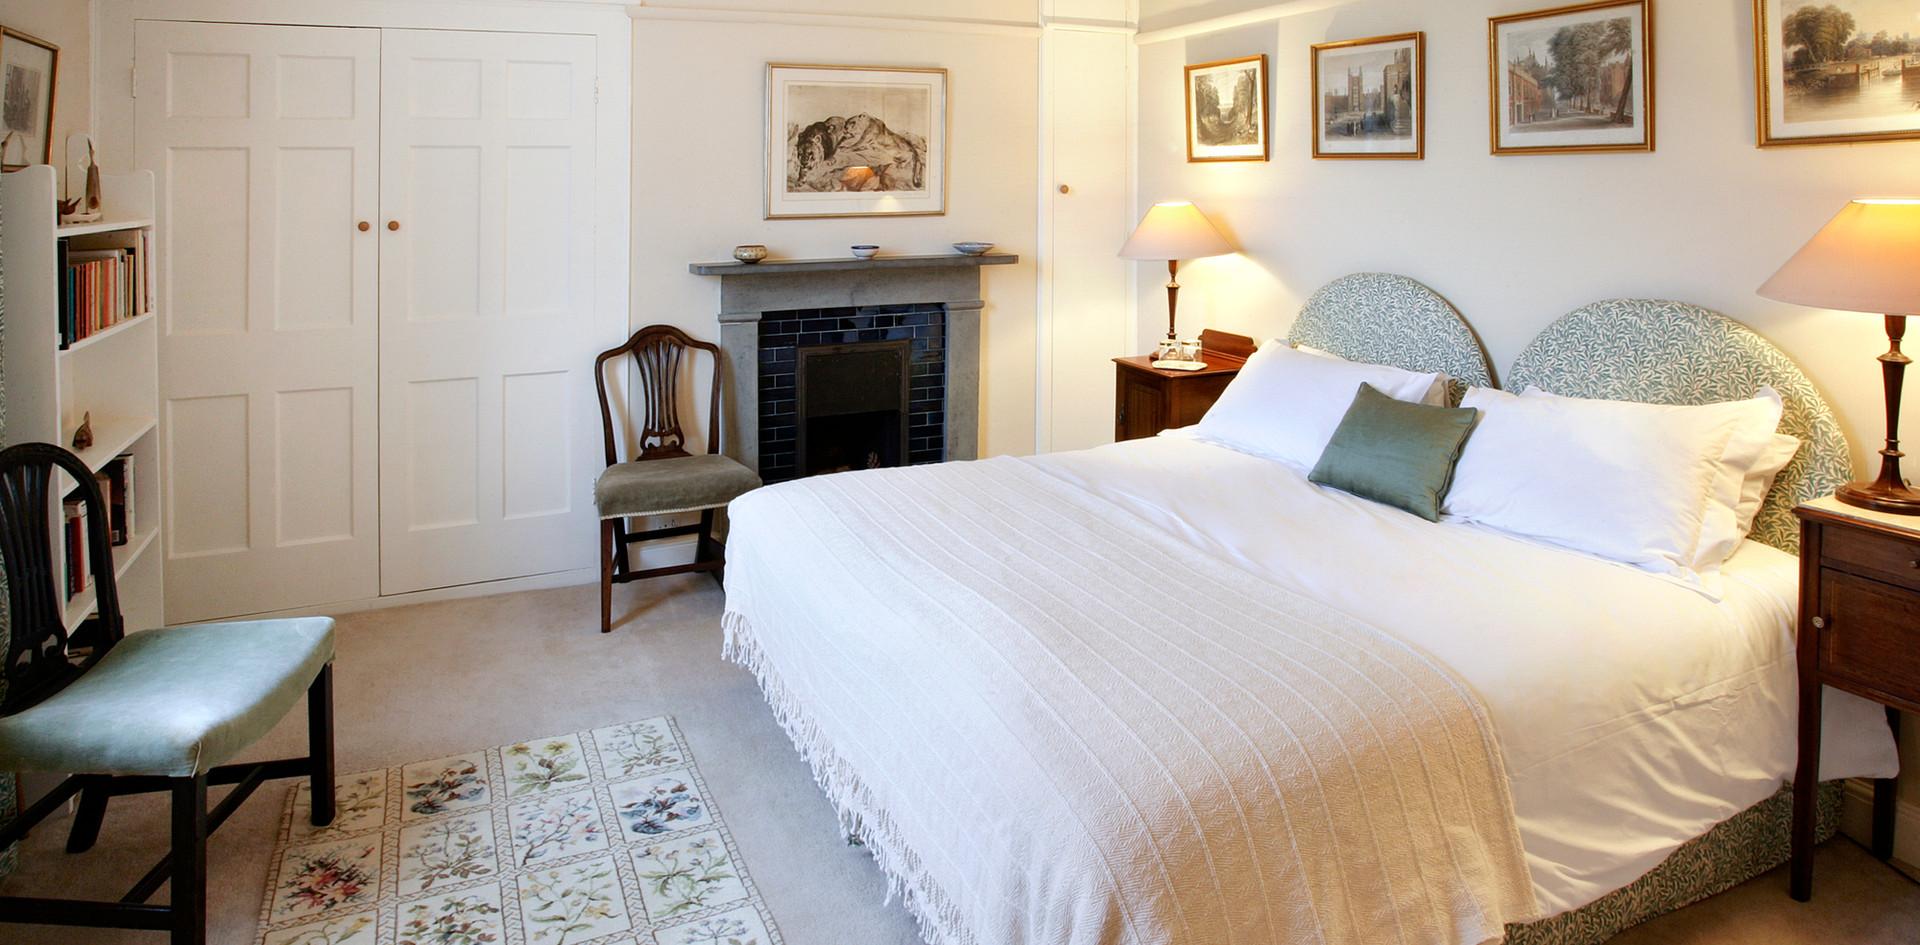 Dr Watson bedroom